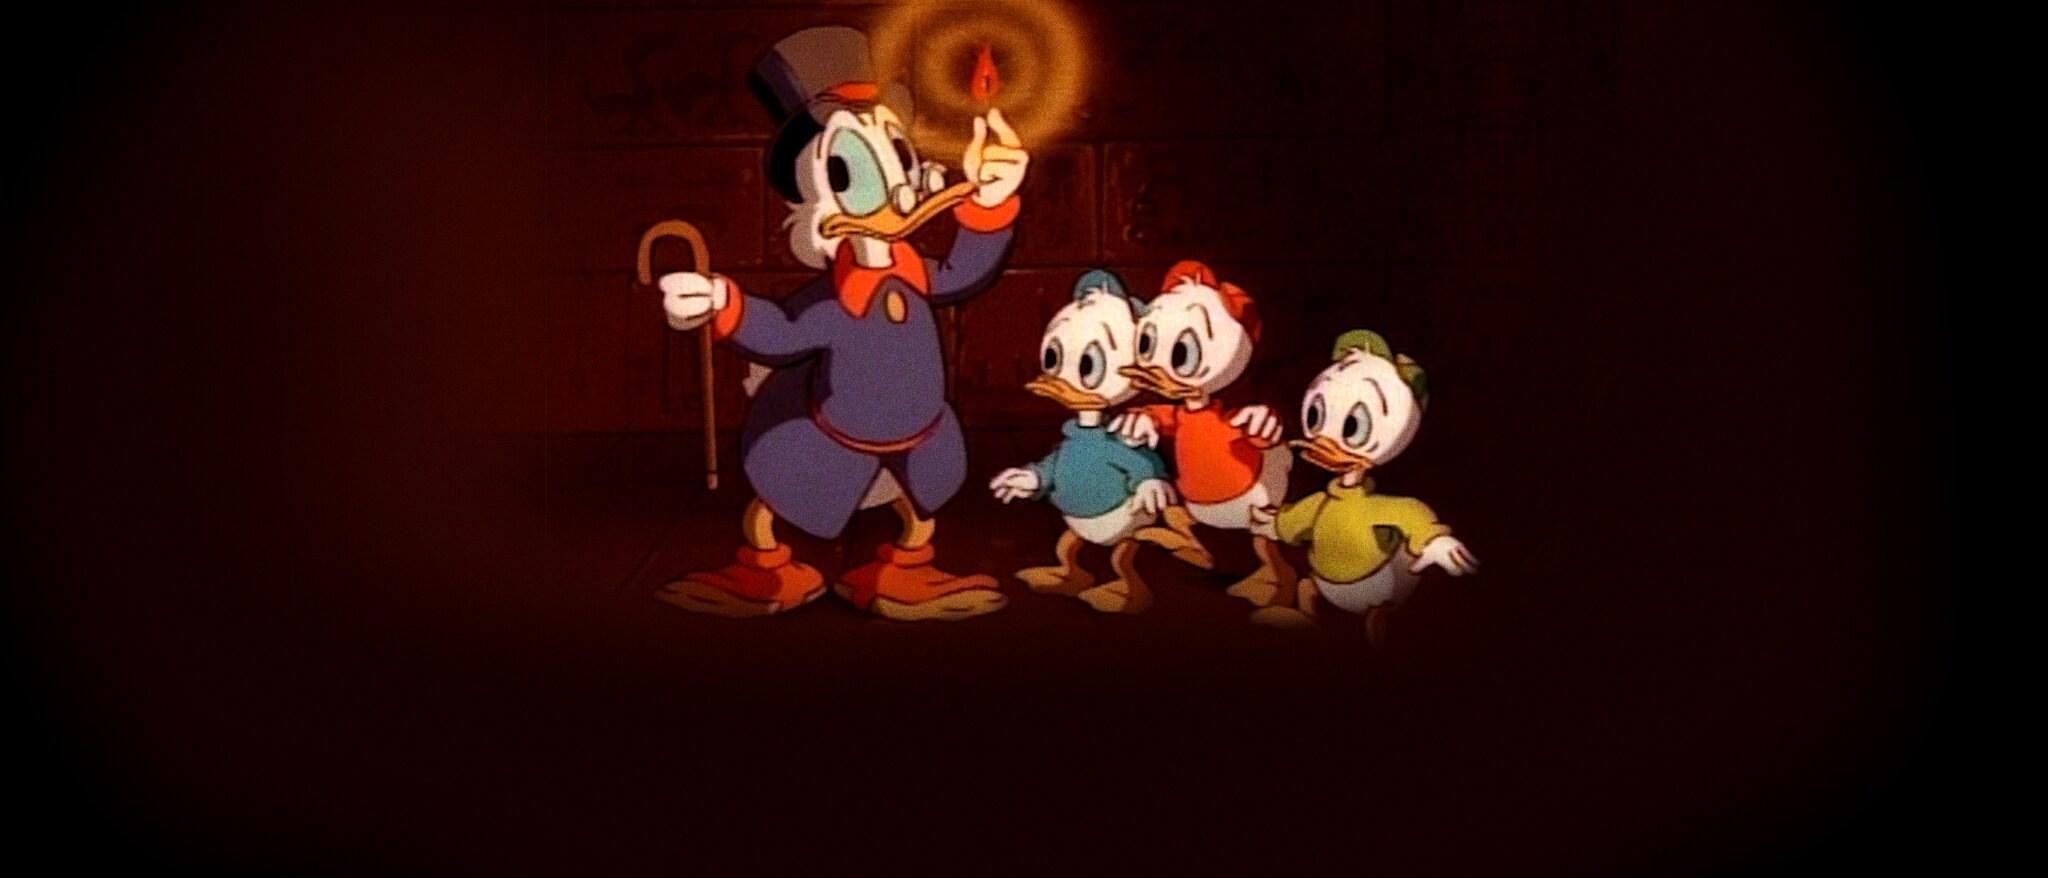 DuckTales (1987) hero